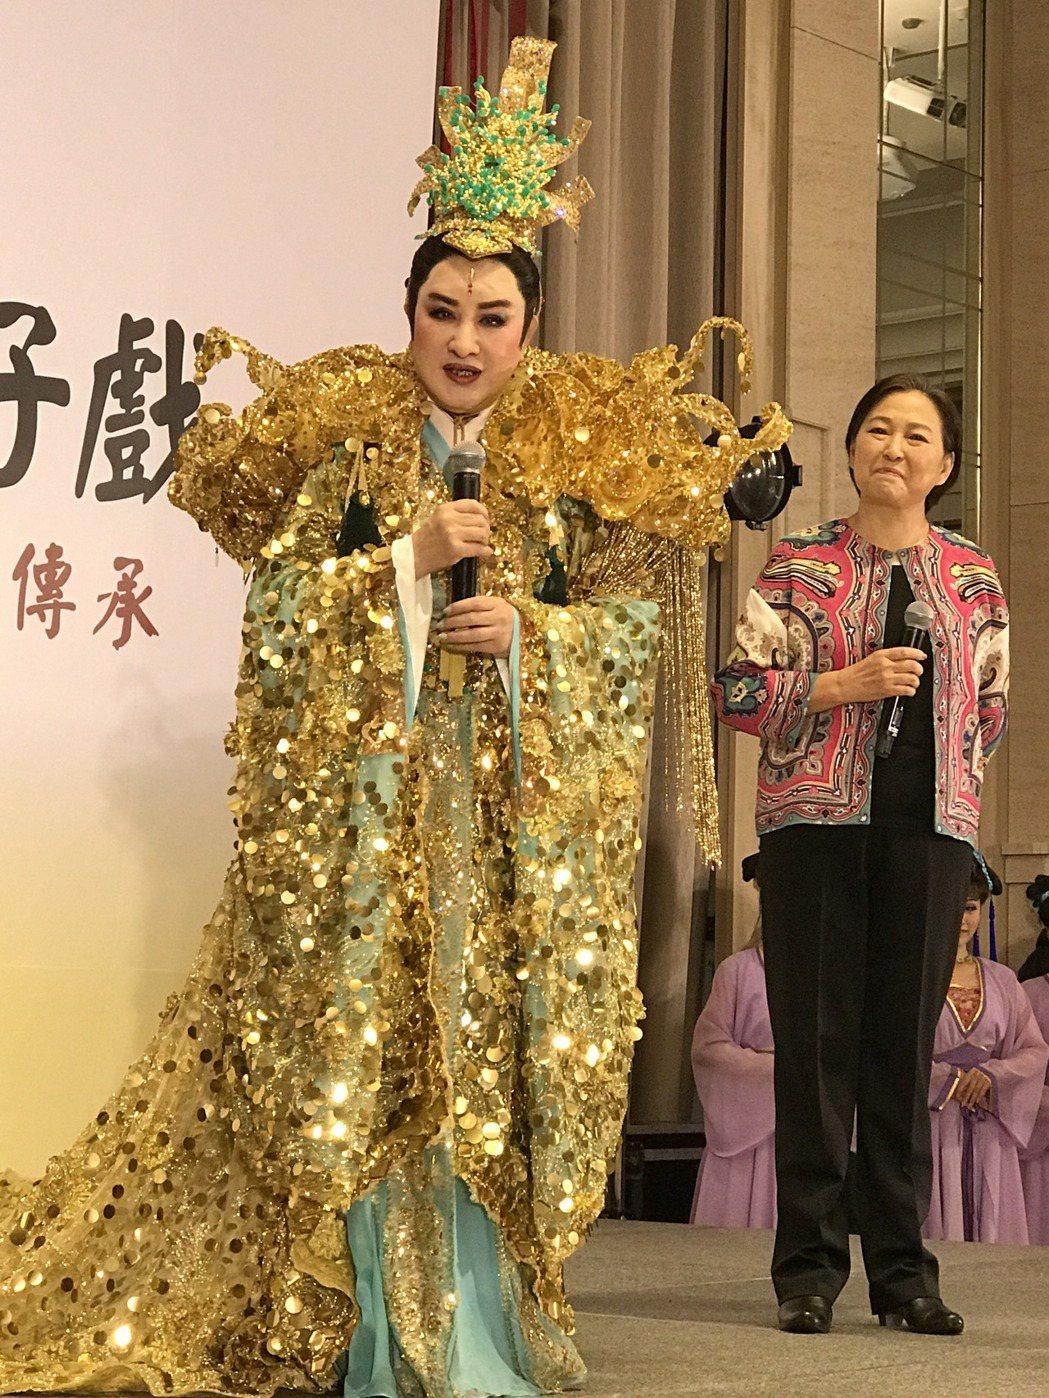 楊麗花去年宣布重出江湖,為培養接班人再度製作大型歌仔戲「忠孝節義」,今年獲文化部